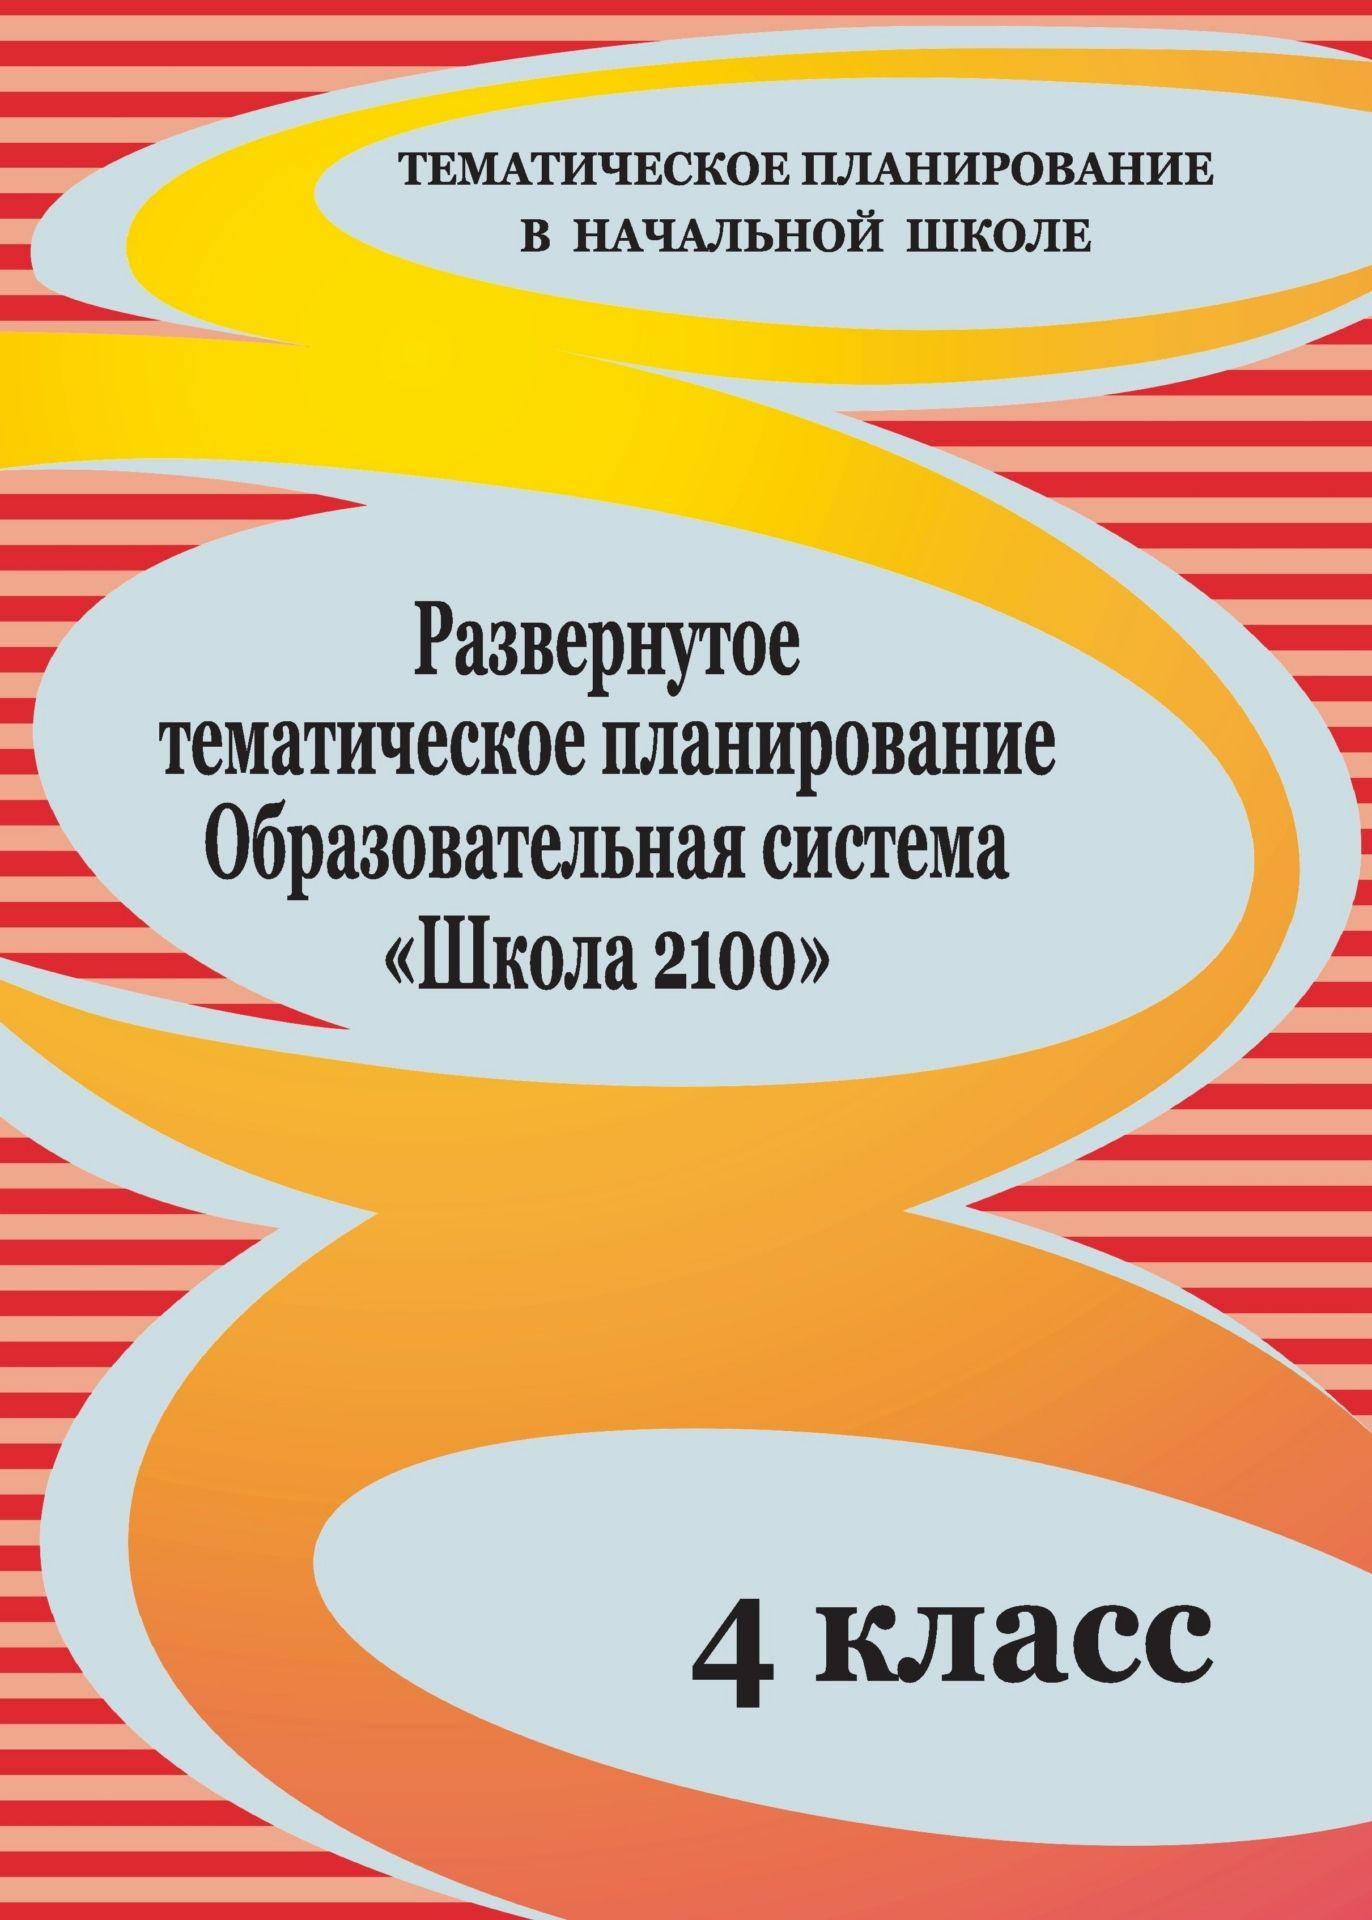 Развернутое тематическое планирование. 4 класс. Образовательная система Школа 2100Предметы<br>В пособии представлено развернутое тематическое планирование по русскому языку, литературному чтению, математике, окружающему миру, информатике и ИКТ, составленное на основе примерной программы начального общего образования и в соответствии с авторской пр...<br><br>Авторы: Рыбъякова О. В.<br>Год: 2010<br>Серия: Тематическое планирование в начальной школе<br>ISBN: 978-5-7057-2291-4<br>Высота: 285<br>Ширина: 203<br>Толщина: 6<br>Переплёт: мягкая, склейка